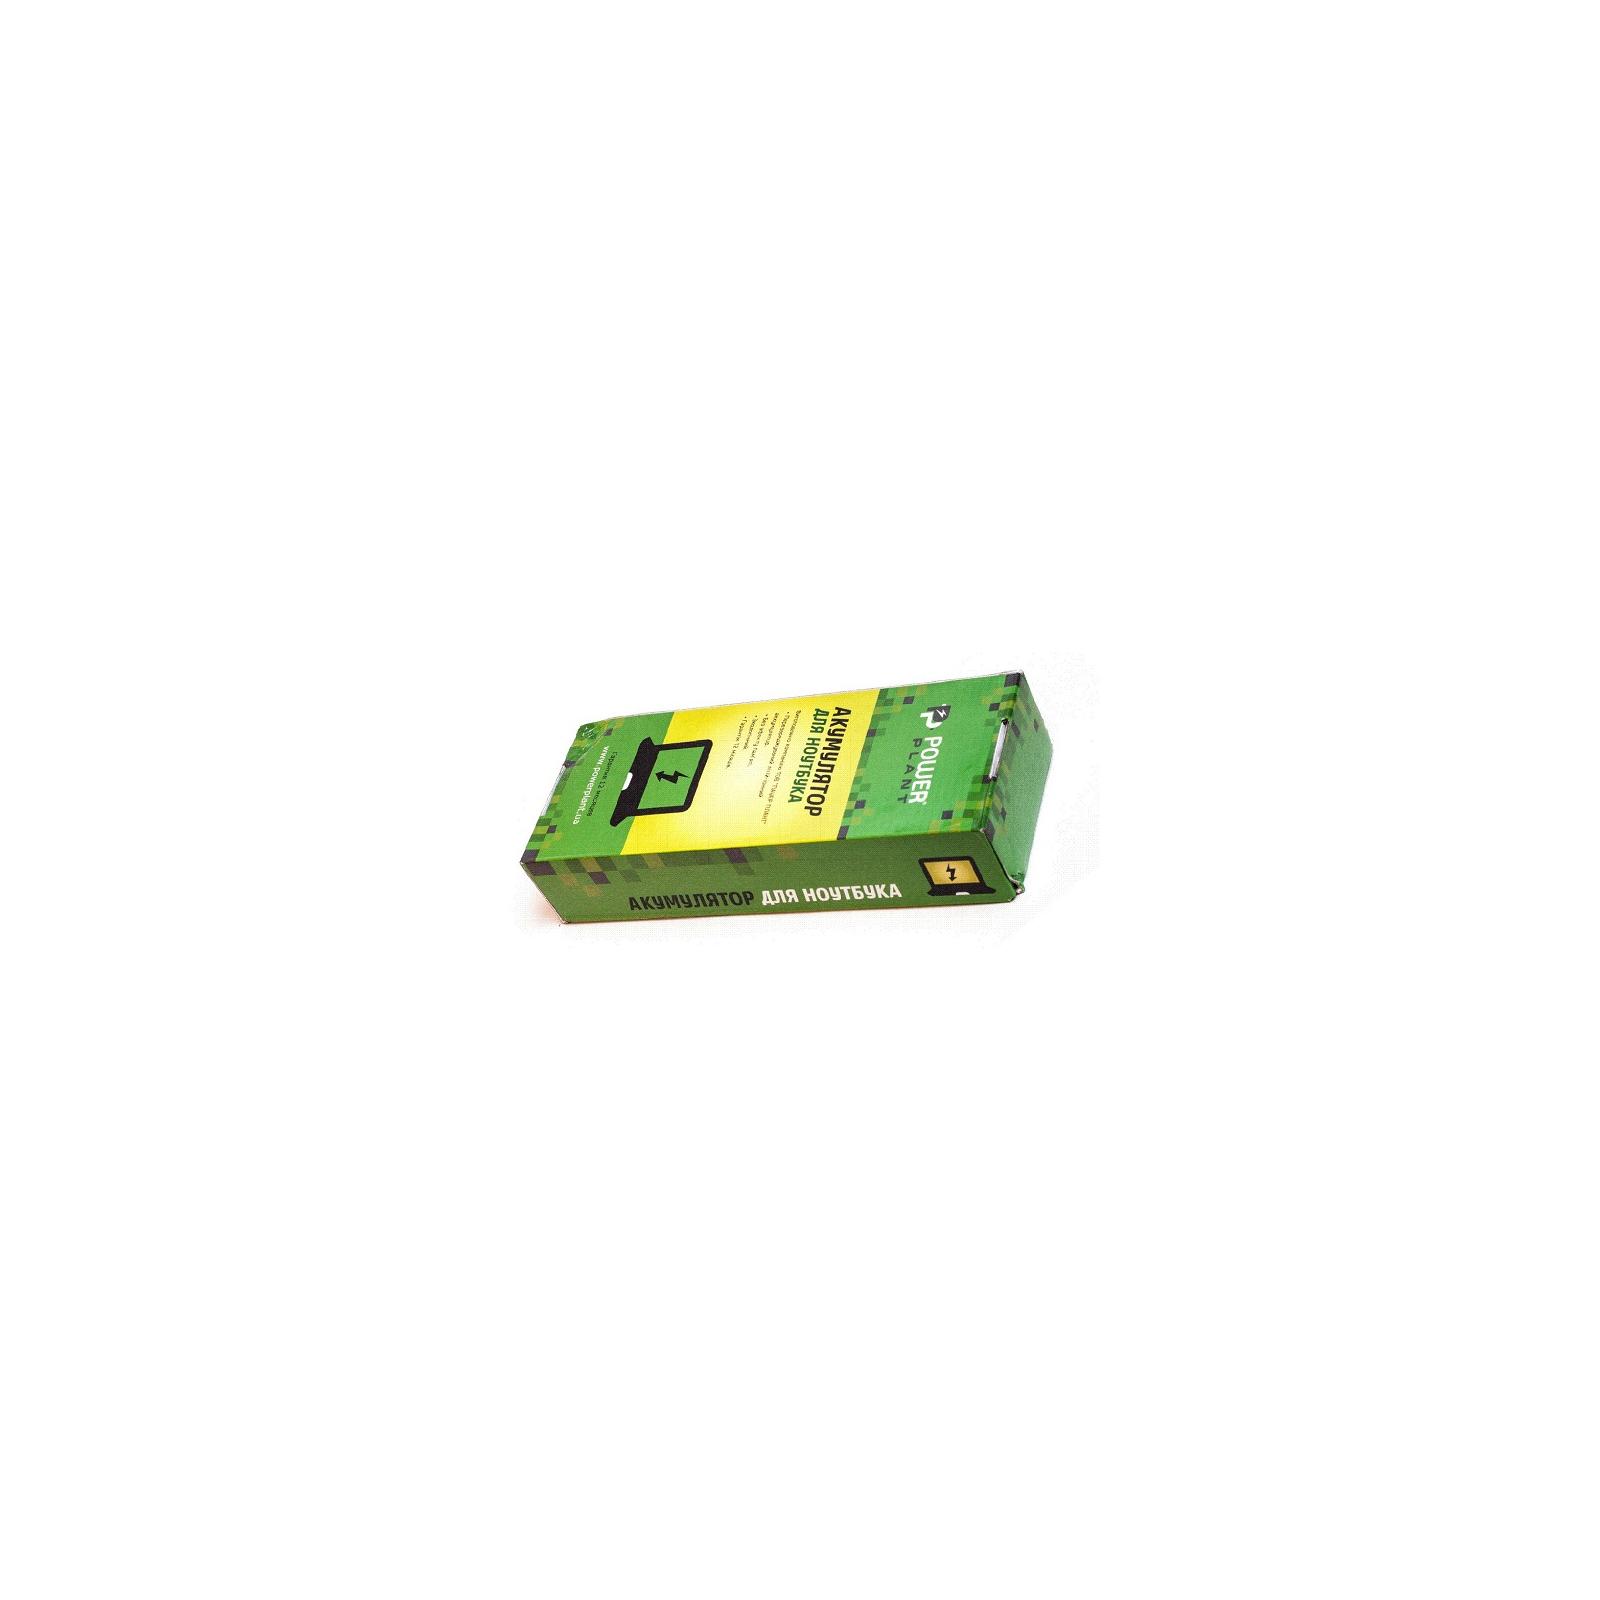 Аккумулятор для ноутбука TOSHIBA Dynabook T752 (PA5024U-1BRS) 10.8V 4400mAh PowerPlant (NB00000040) изображение 3